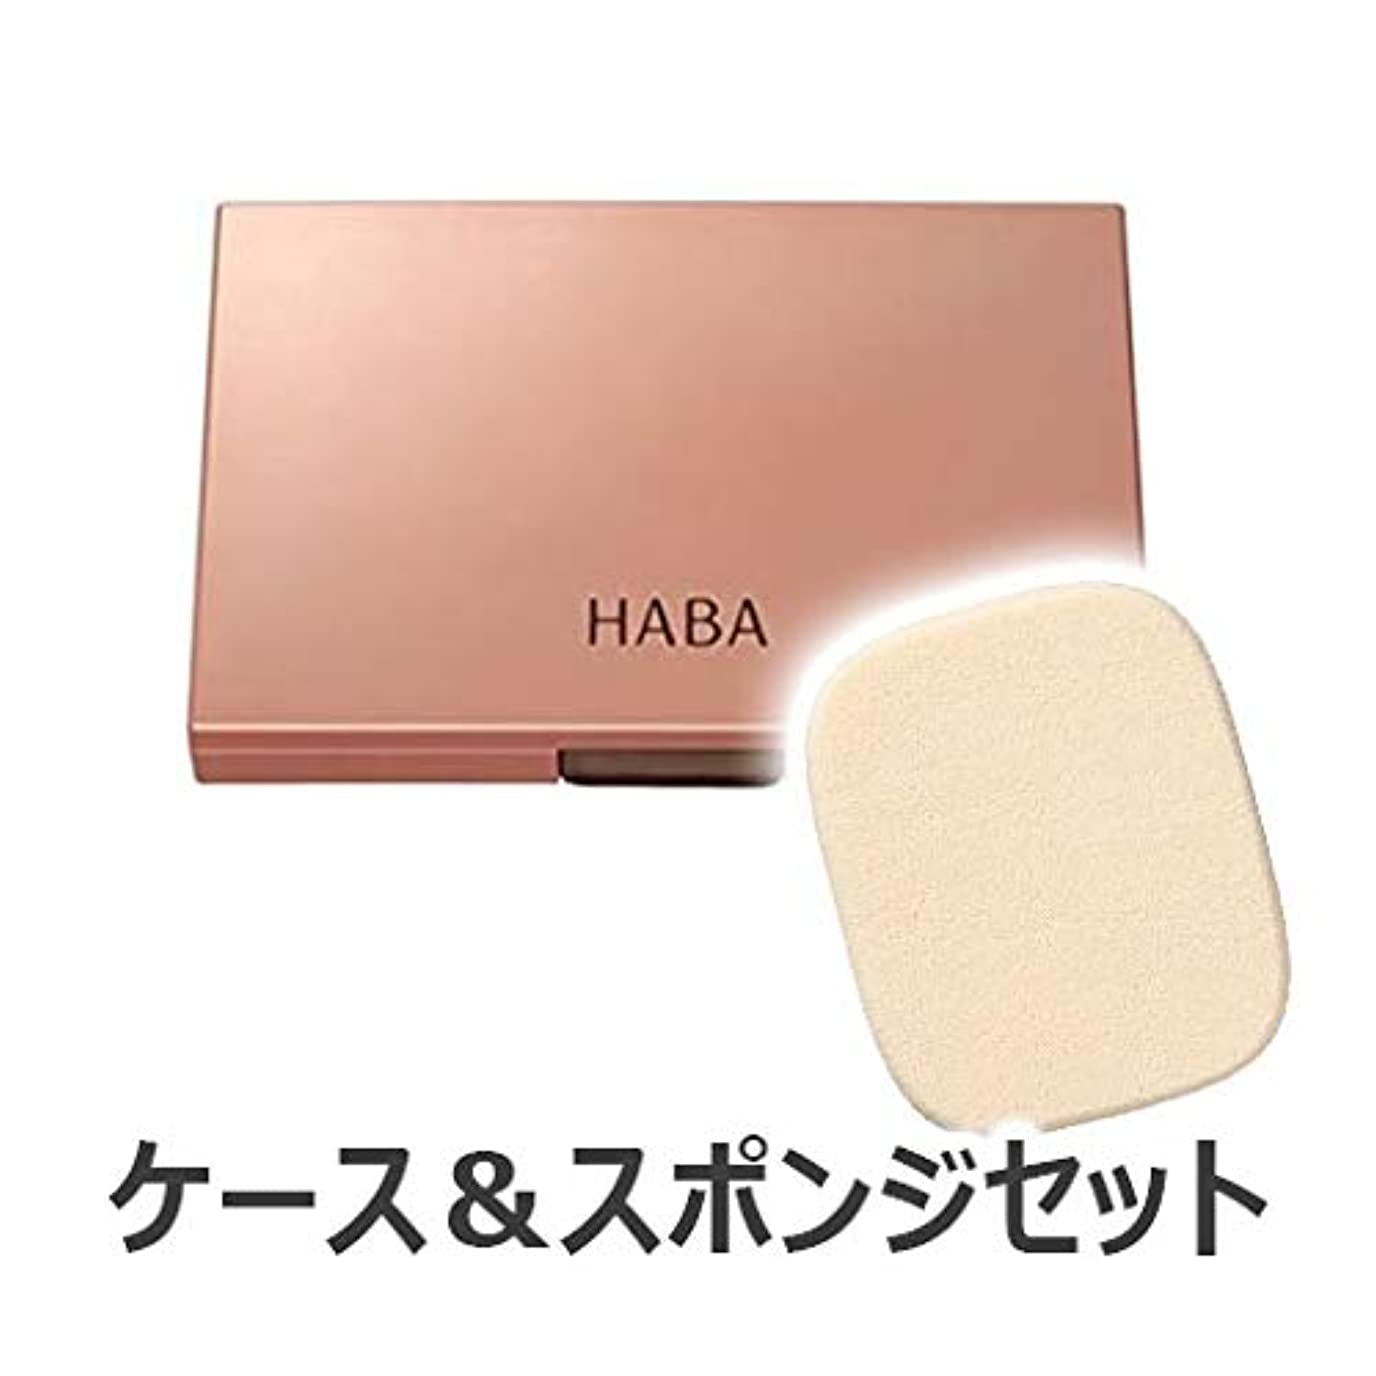 是正グループ視力HABA ミネラルパウダリーファンデーション 専用ケース & 専用スポンジ セット